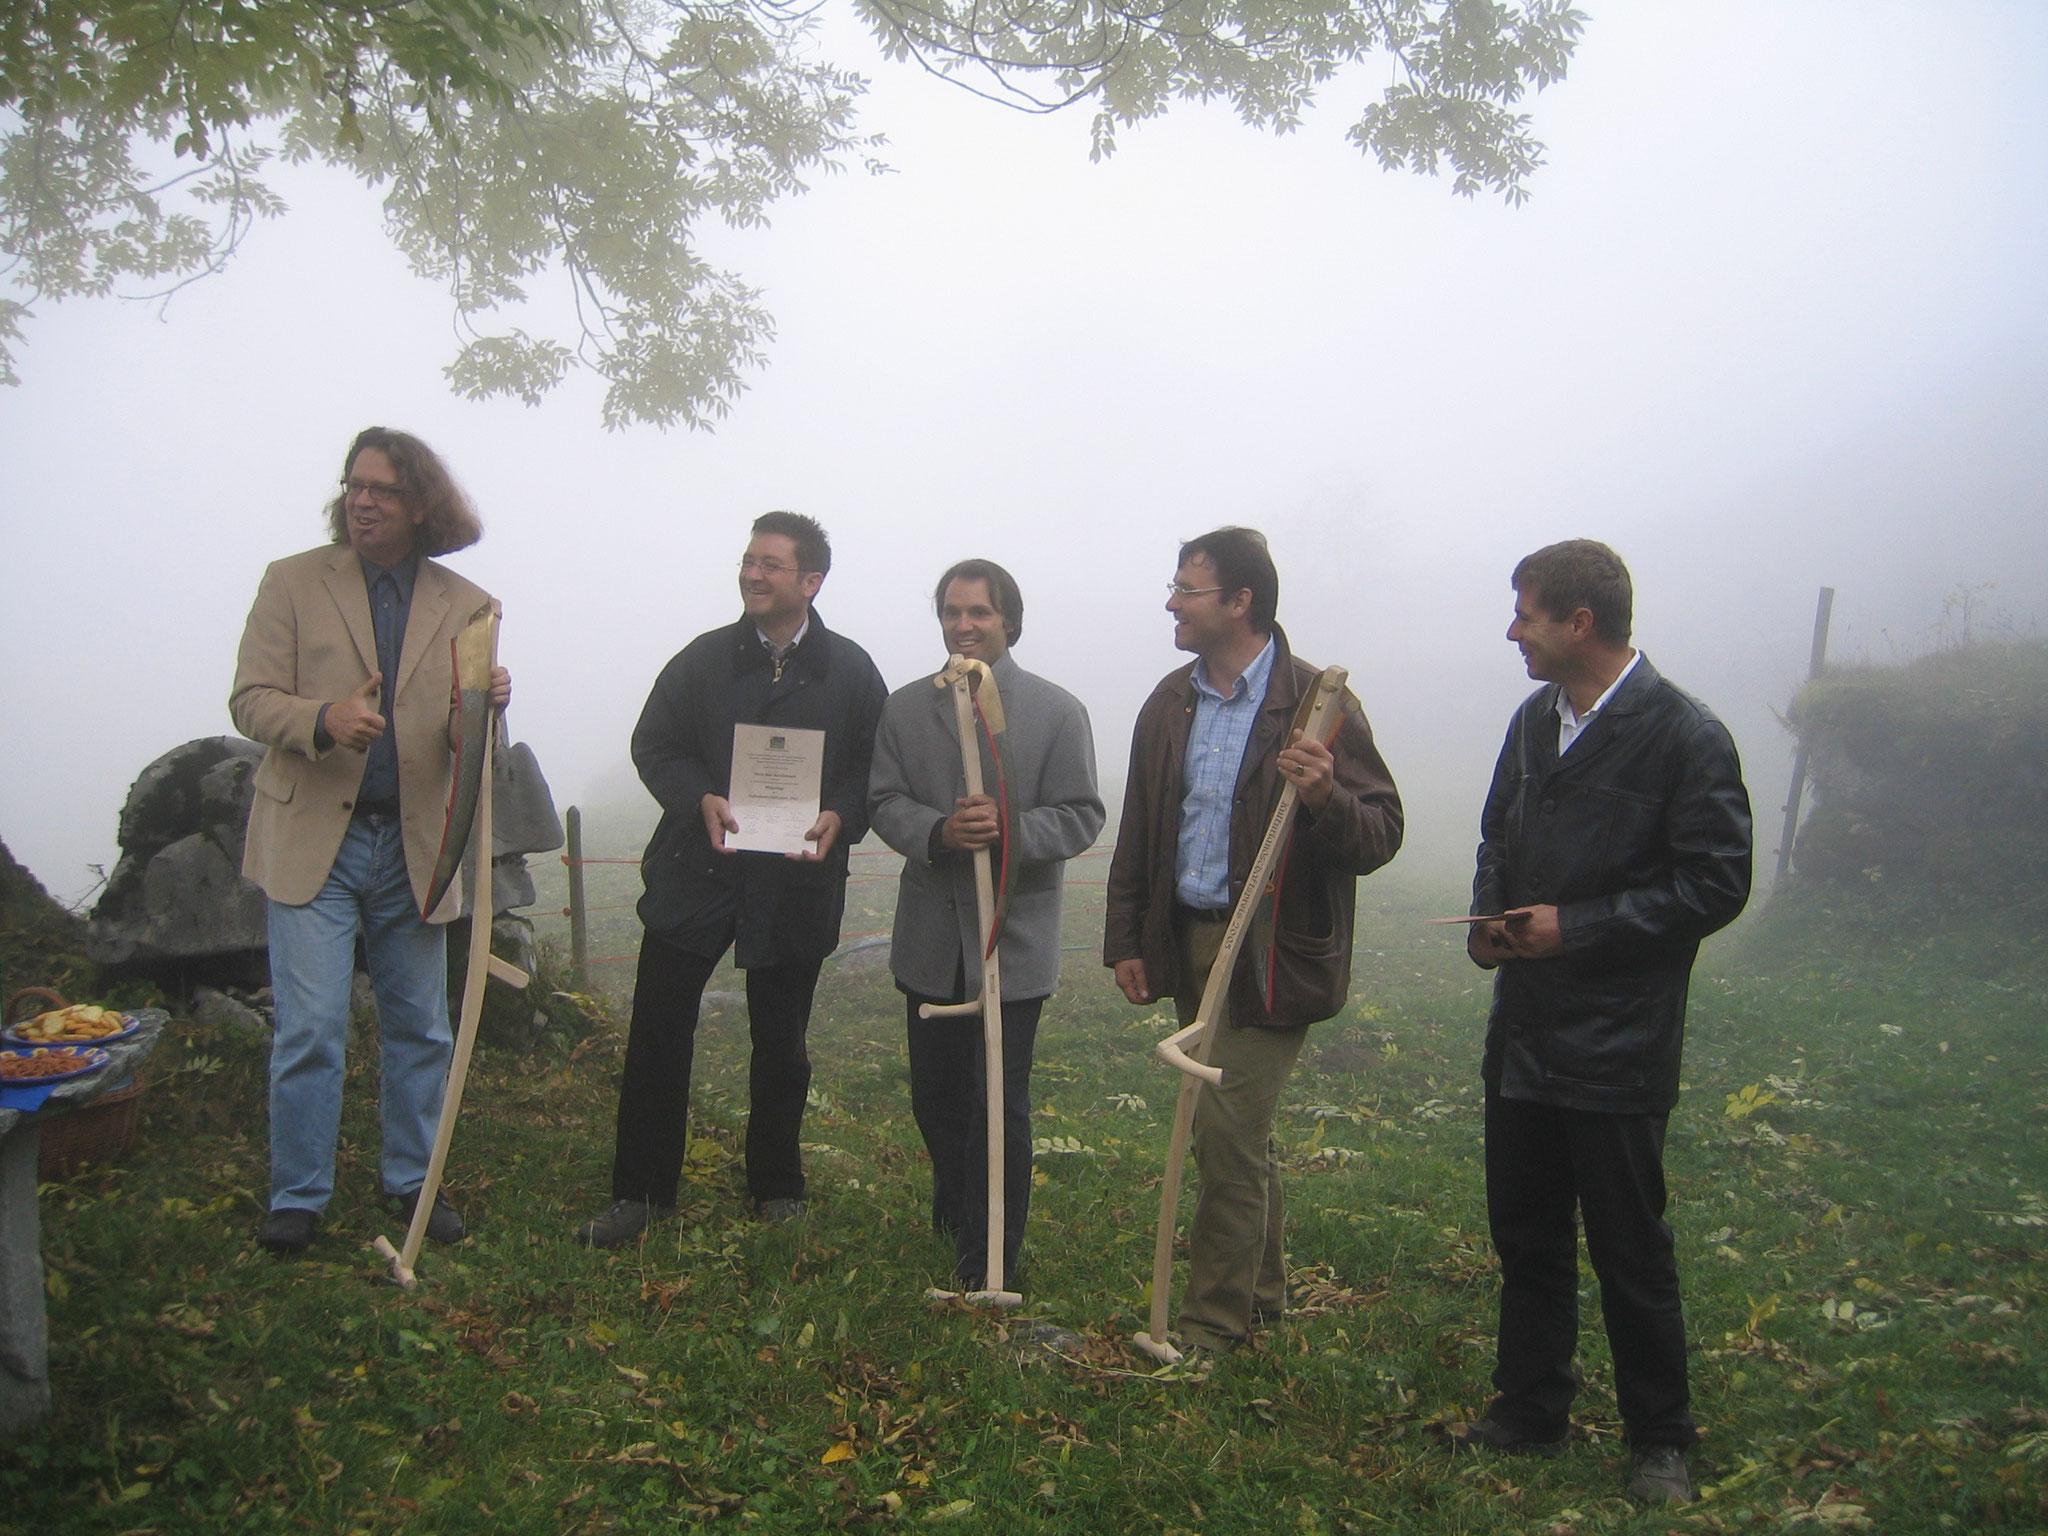 Gute Stimmung bei der Trägerschaft (v.li.): Marco Caluori (Alpenregion), Stefan Otz (TOI), Samuele Salm (Grindelwald Tourismus), Peter Lehner (WMLT), Christoph Ammann (Regionalplanung OO)